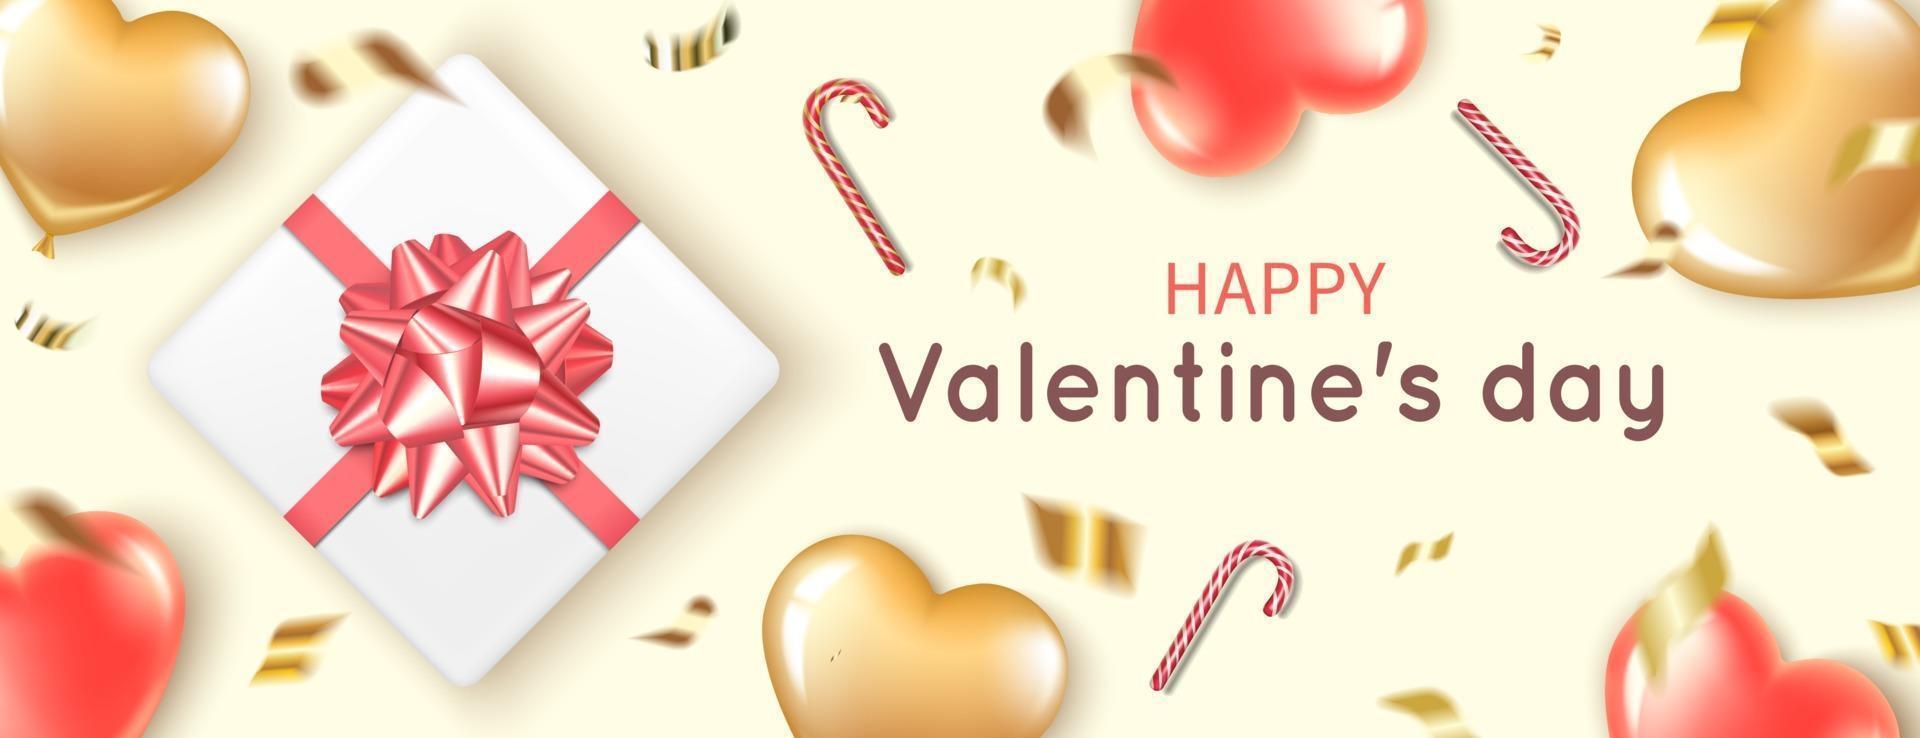 banner con palloncini cuore, regalo e bastoncini di zucchero per San Valentino vettore